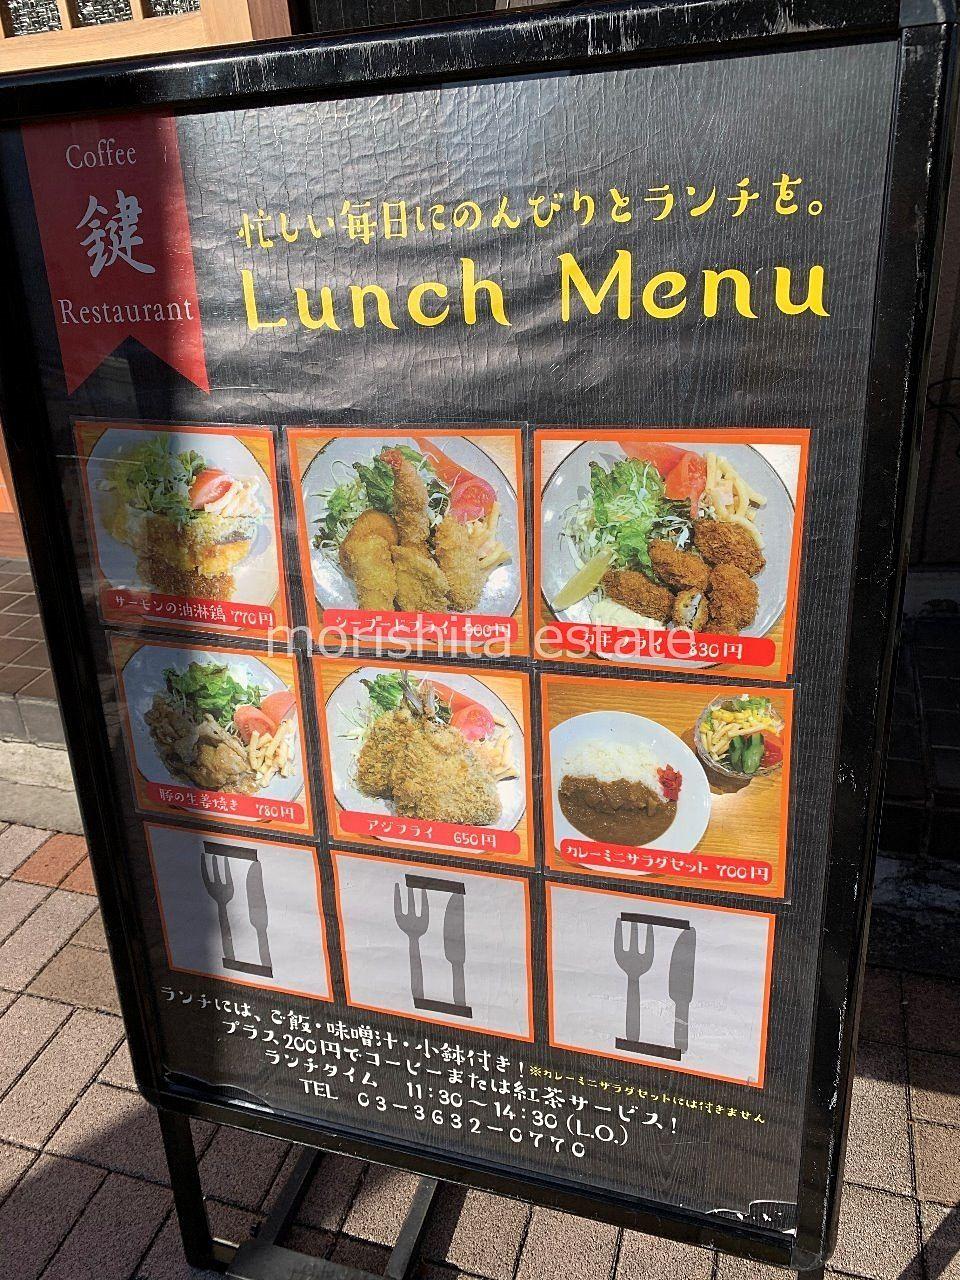 カフェ・レストラン 鍵 洋食 ランチメニュー